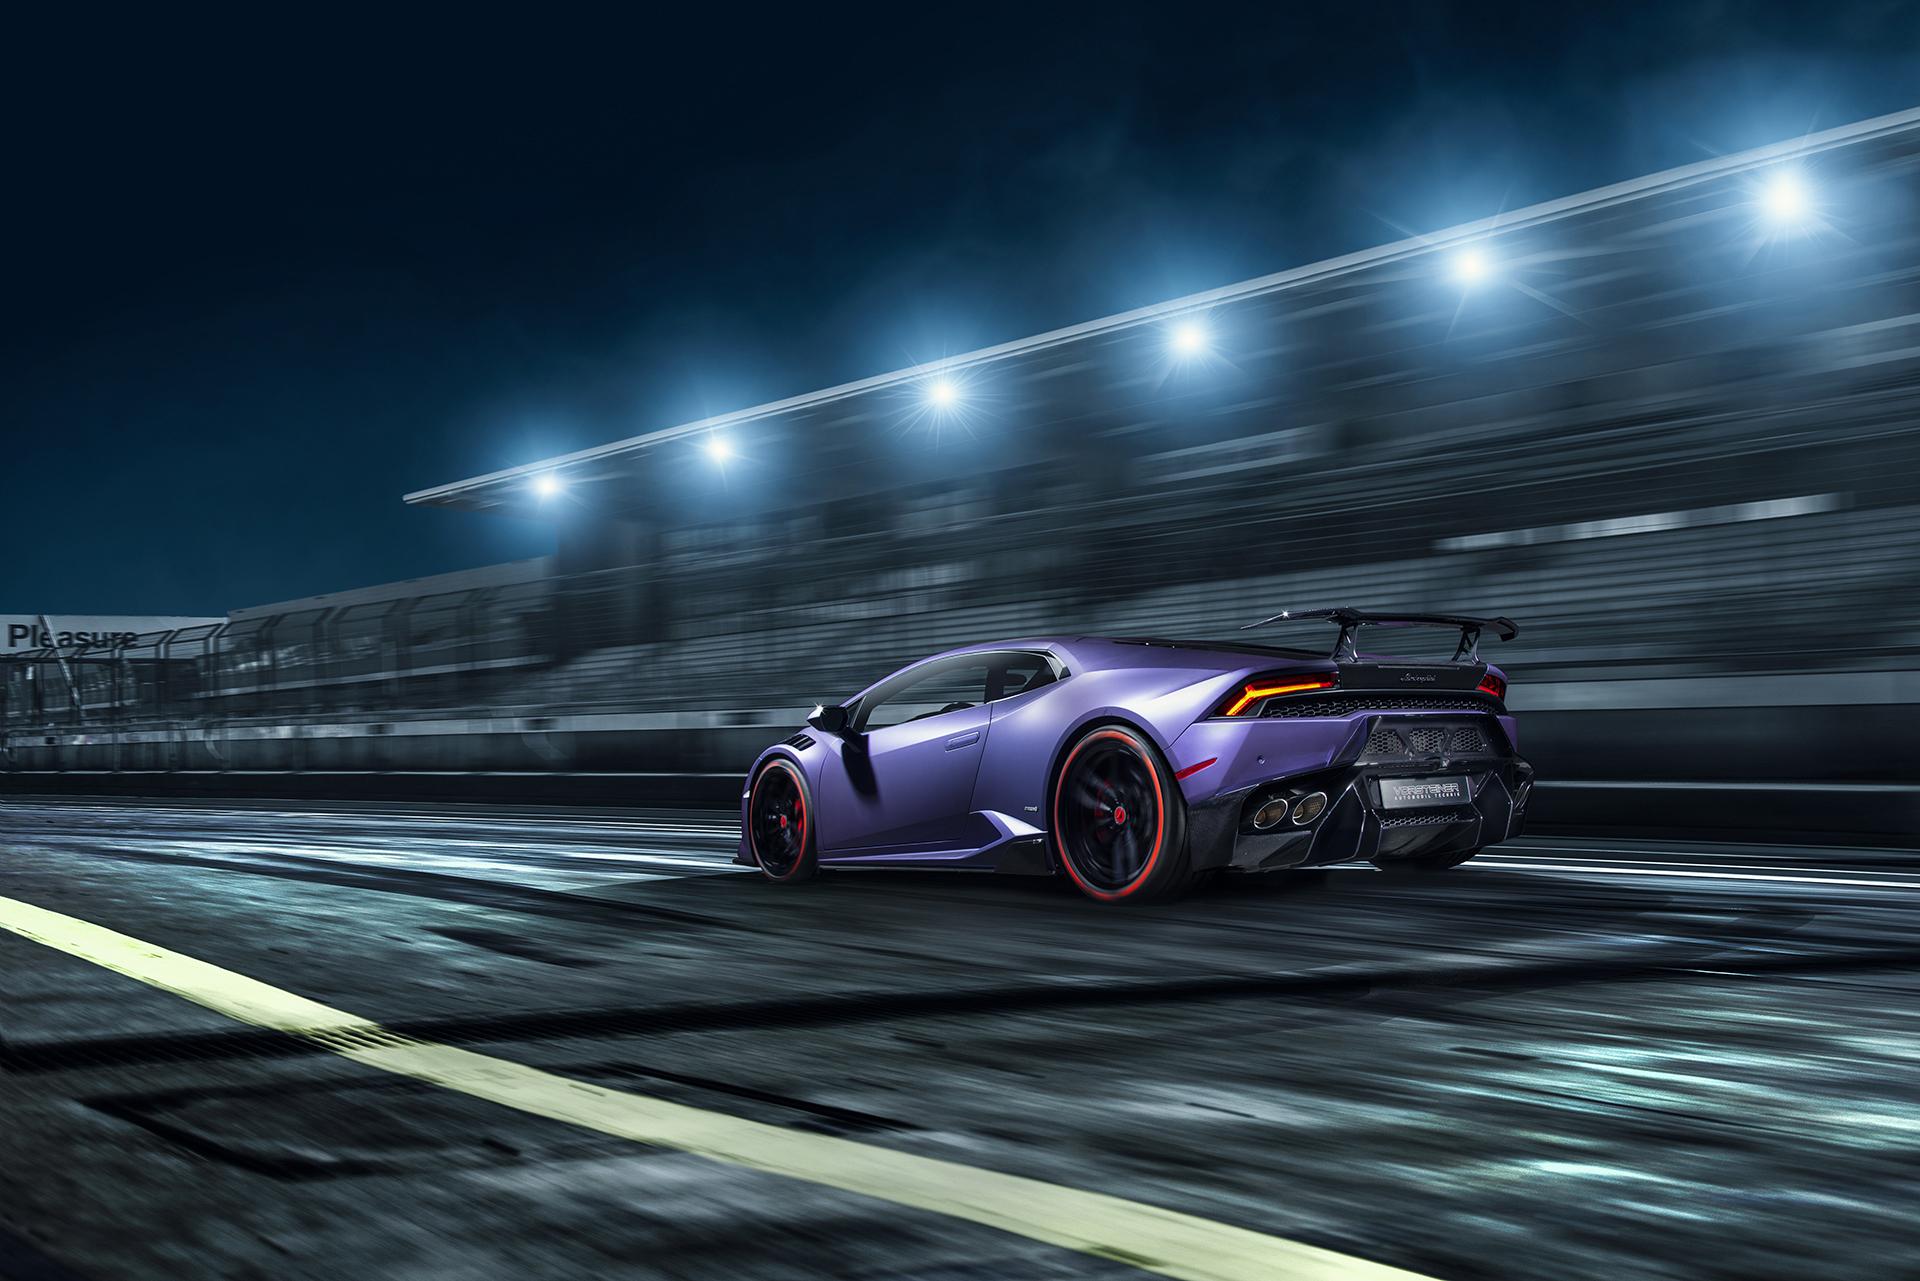 136326 fond d'écran 540x960 sur votre téléphone gratuitement, téléchargez des images Voitures, Lamborghini Huracan, Vorsteiner, Novare 540x960 sur votre mobile